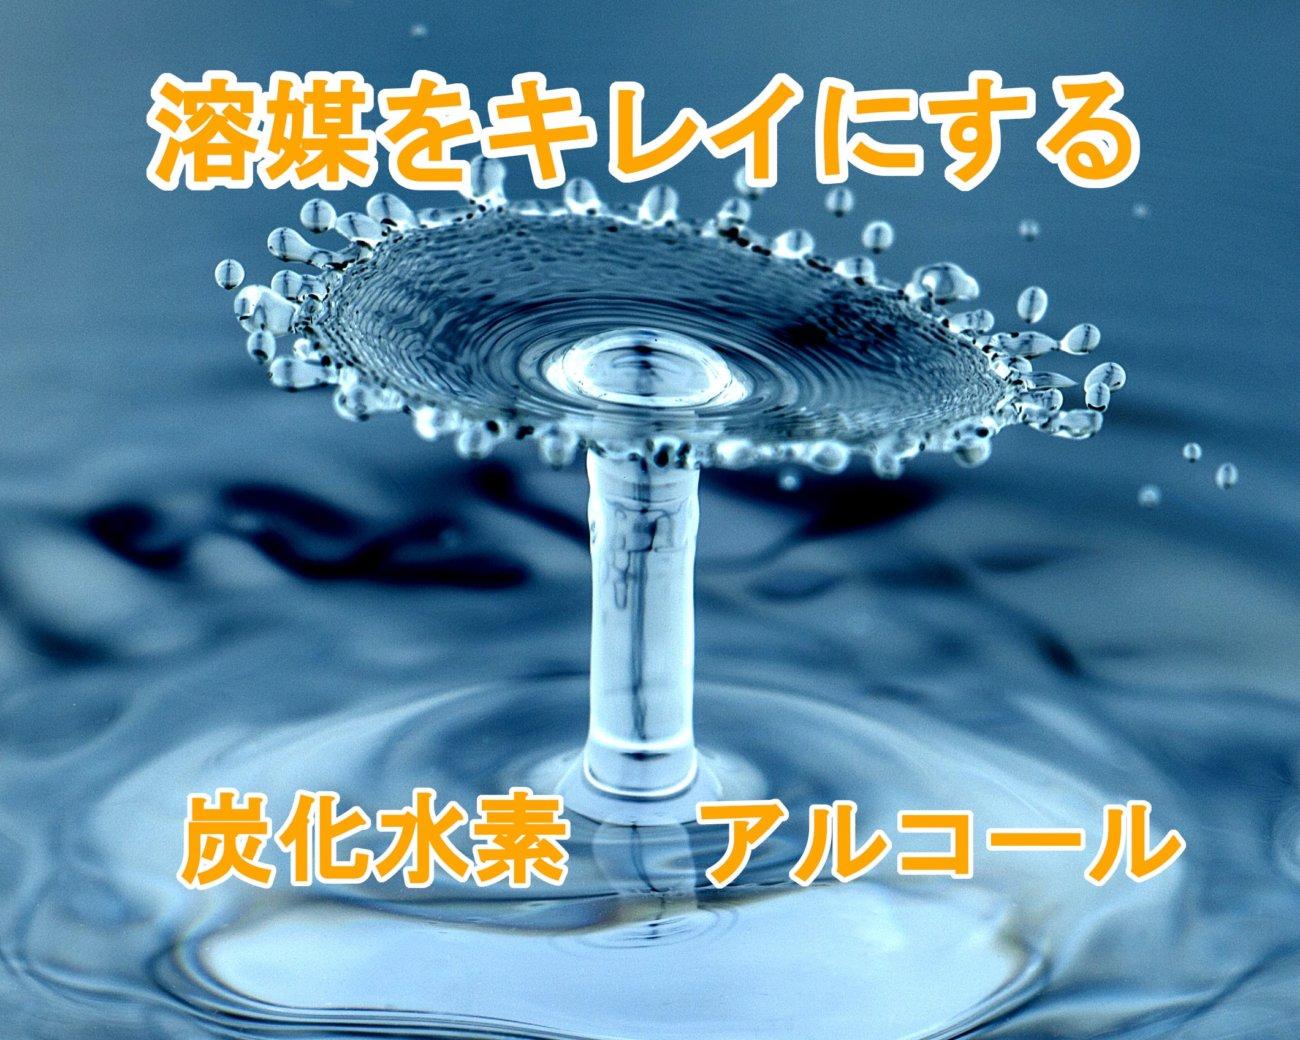 溶媒の精製(炭化水素・アルコール)